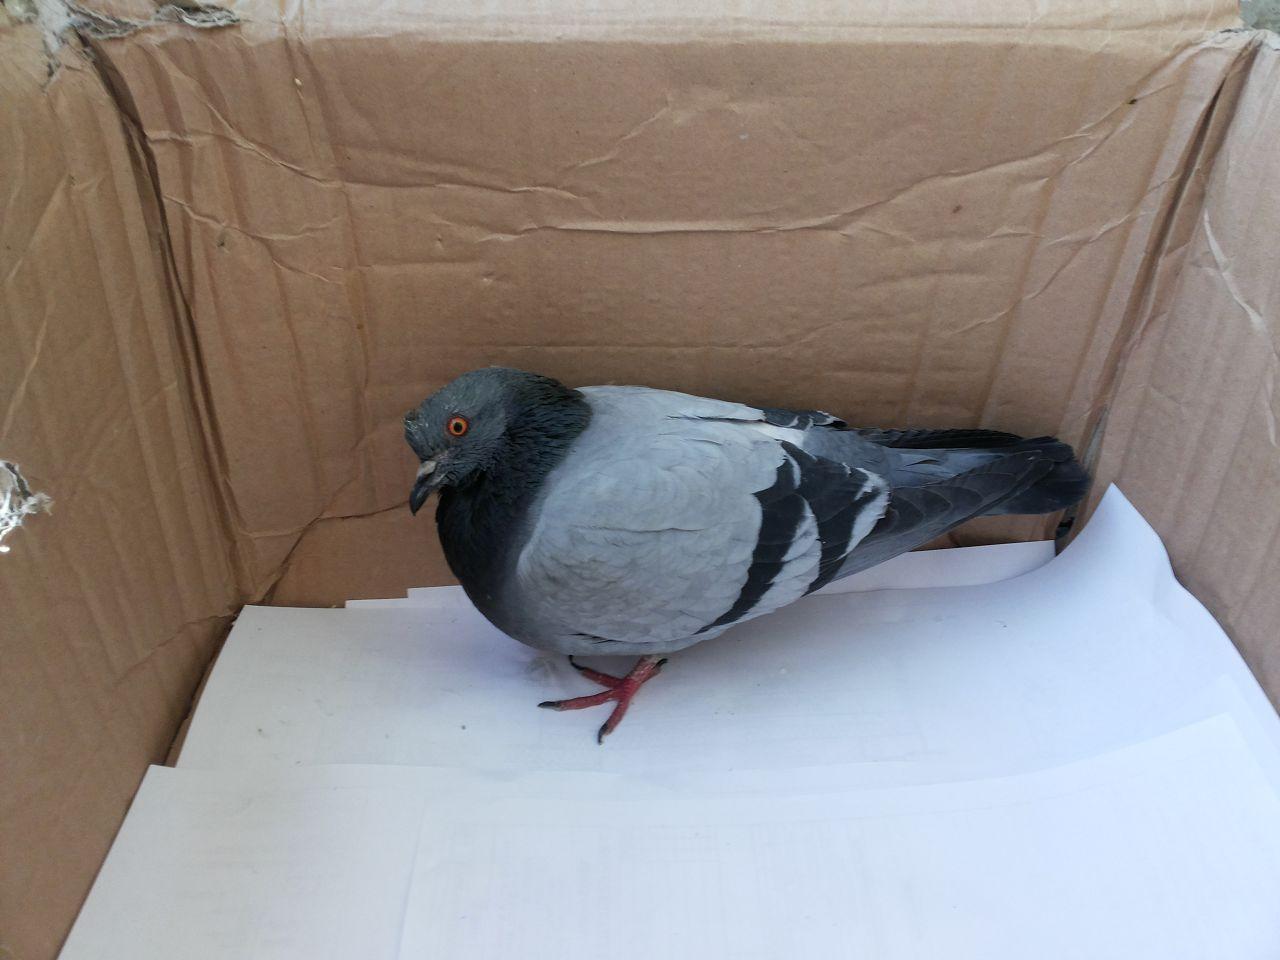 Поймать голубя в коробку достаточно легко